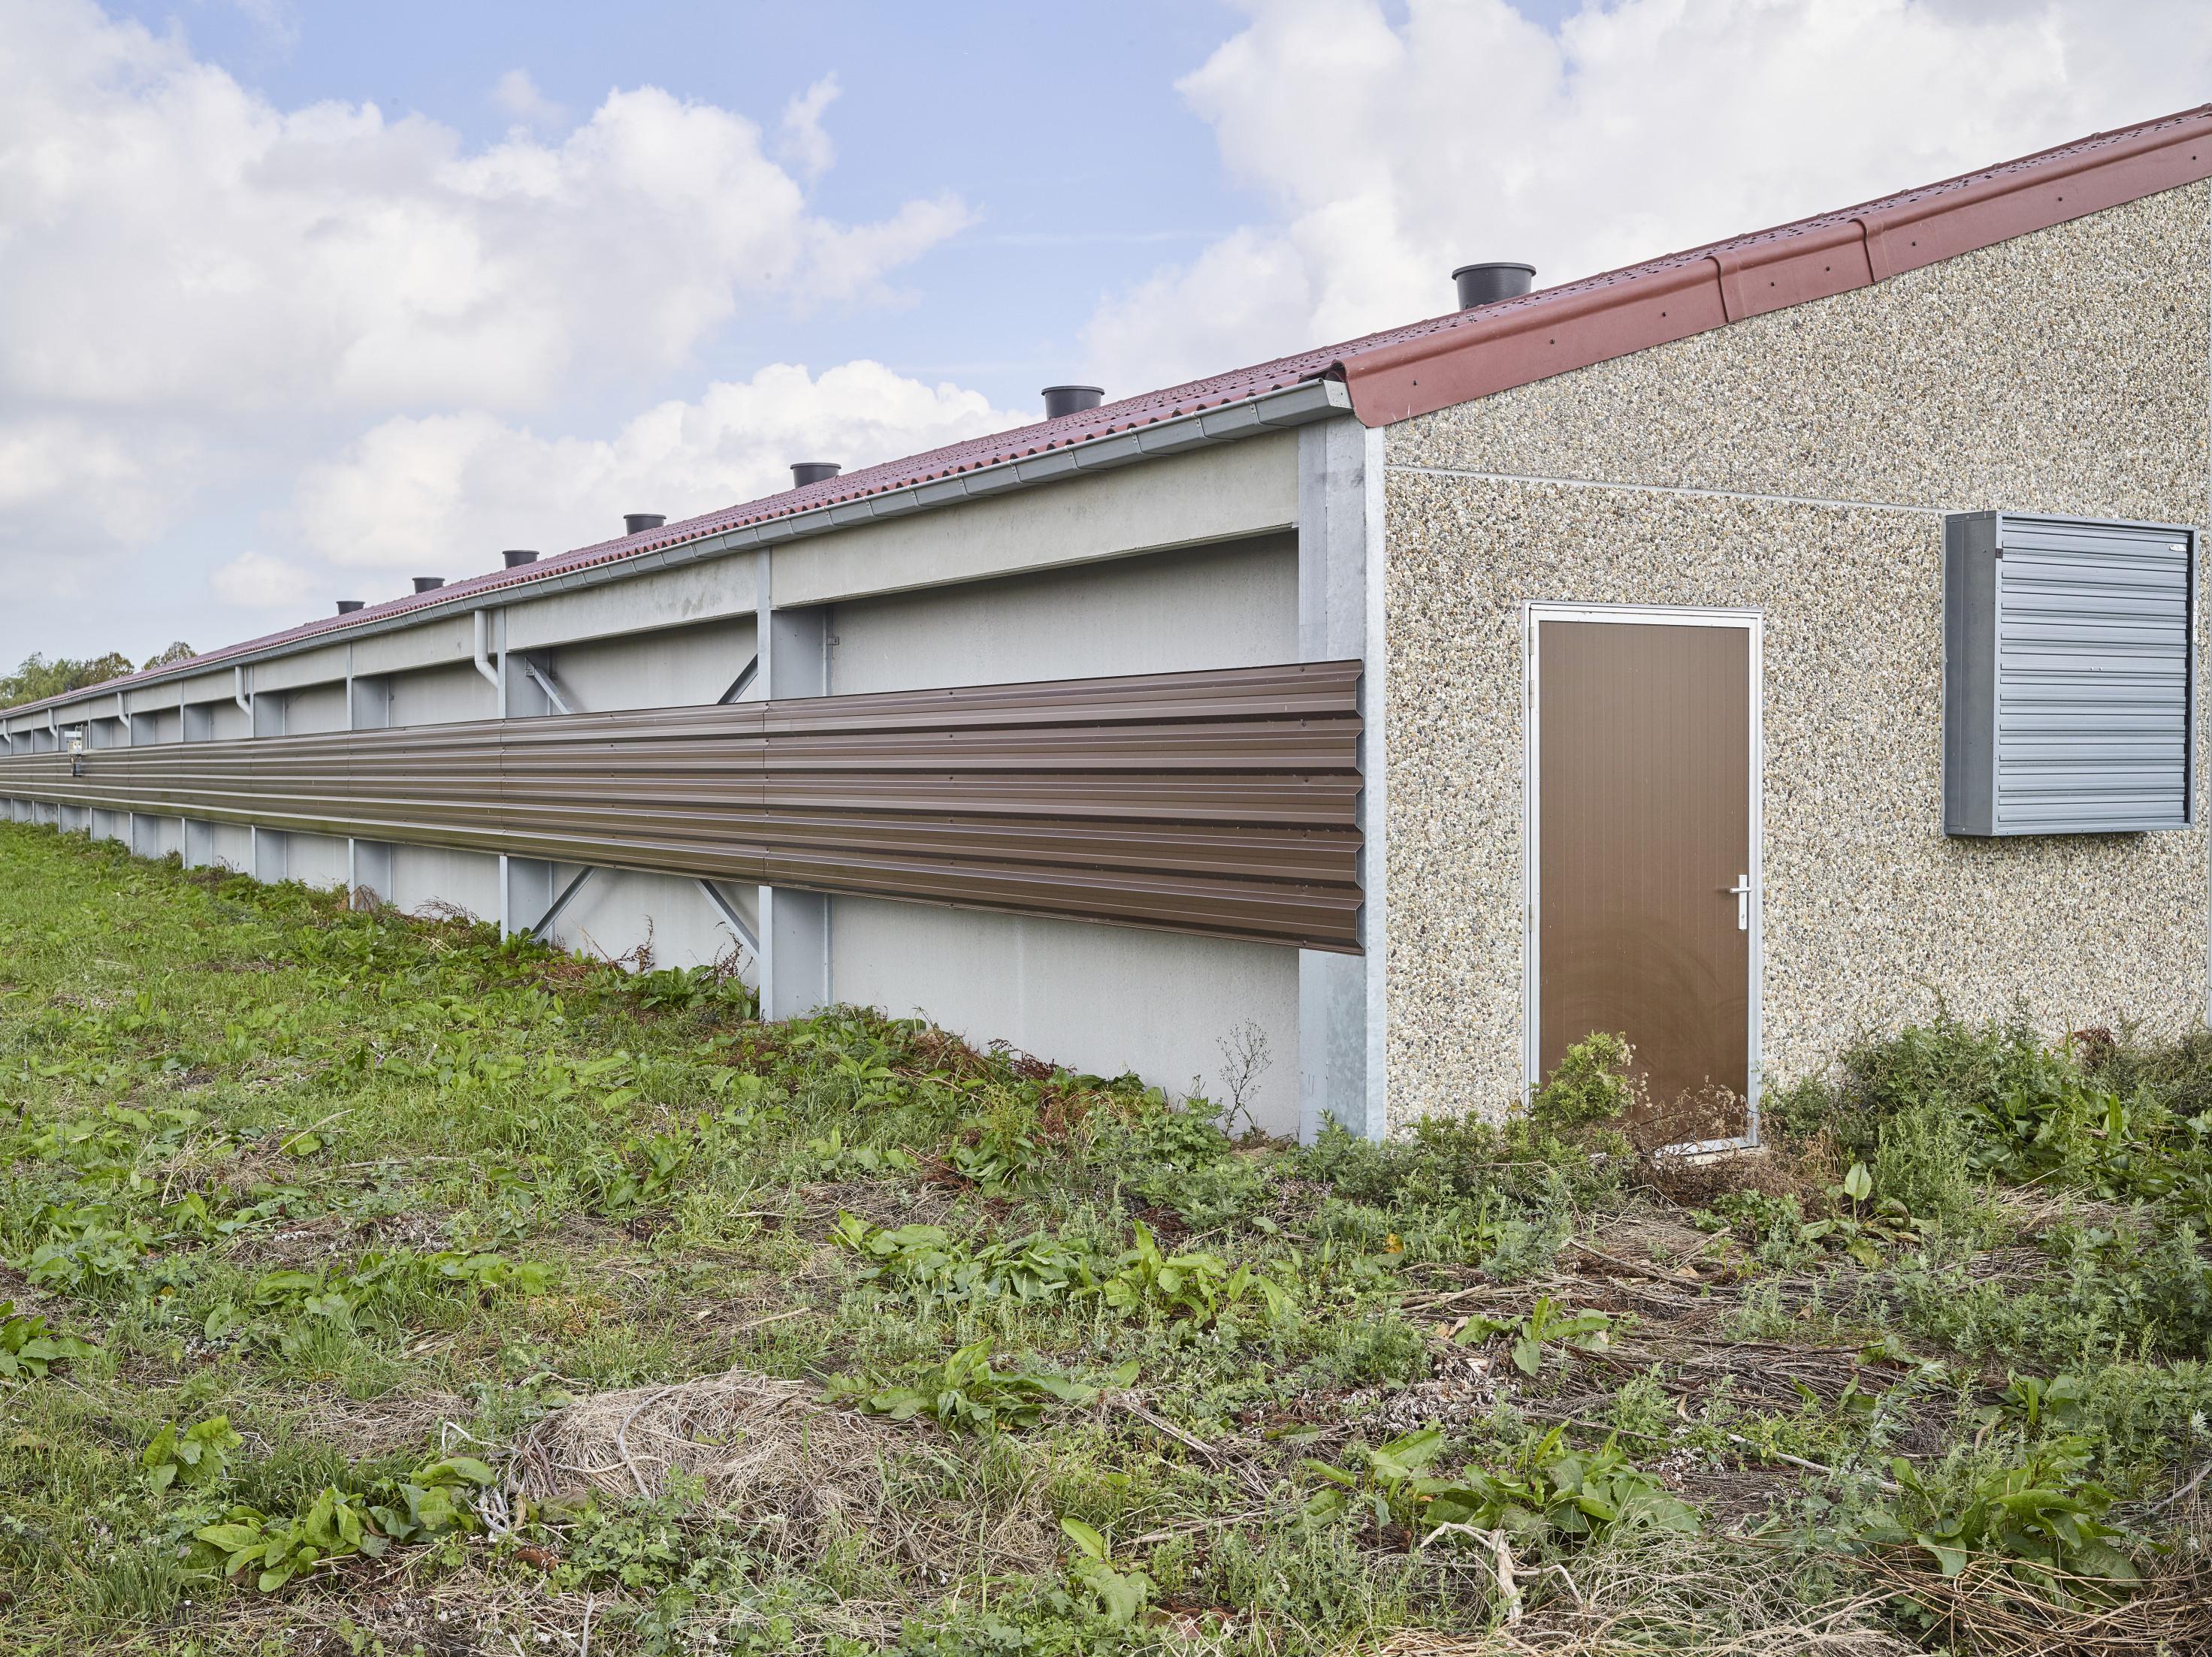 BEEUWSAERT-FR-CROCHTE_SCEA DU STEENBOURG_023.jpg